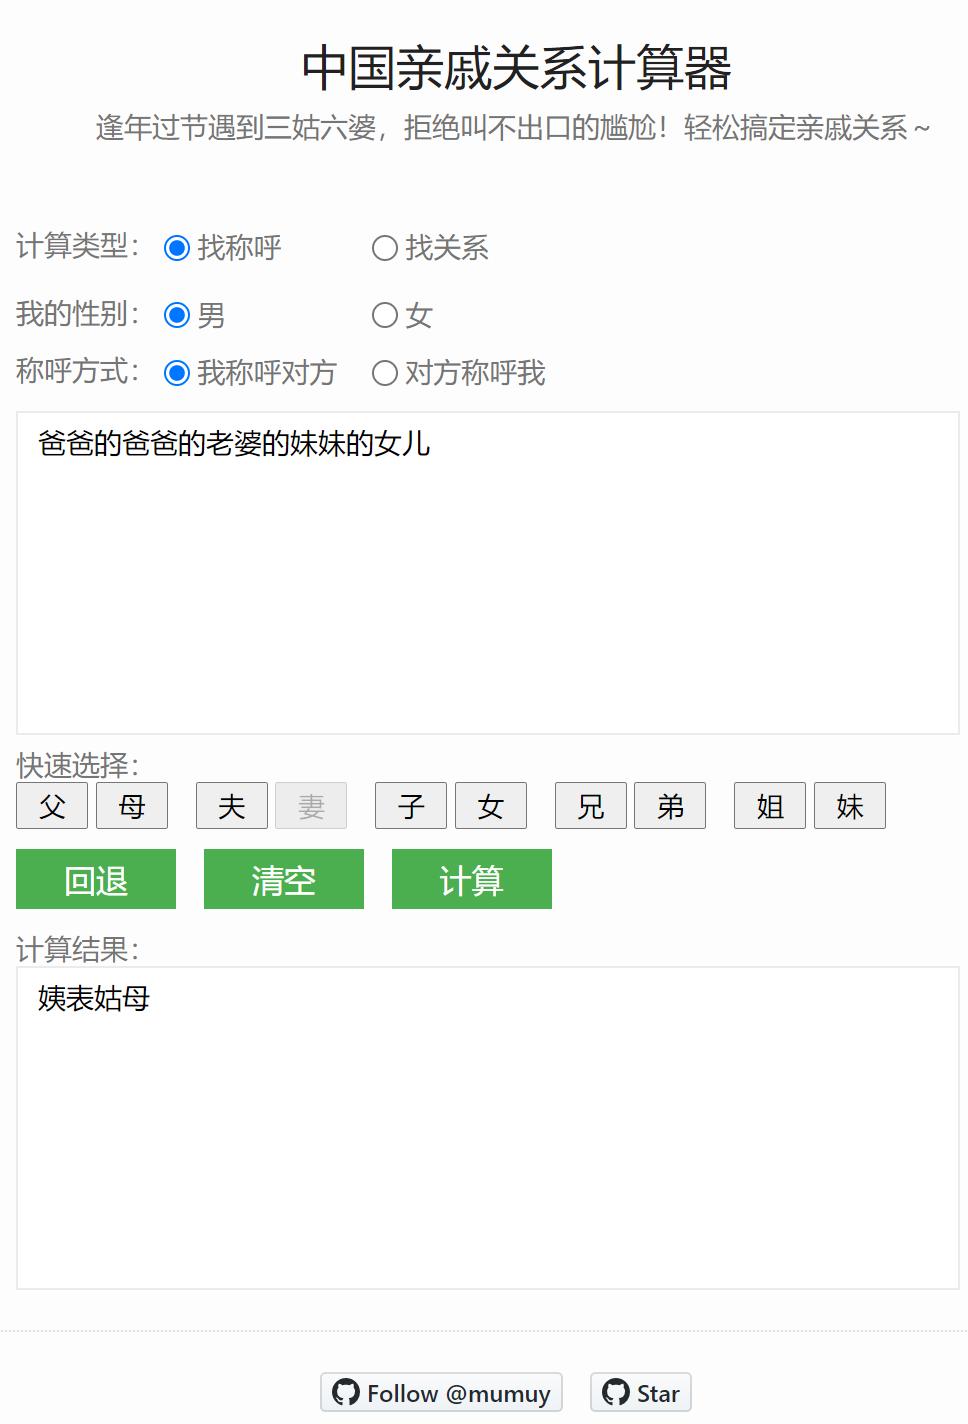 中国亲戚关系计算器